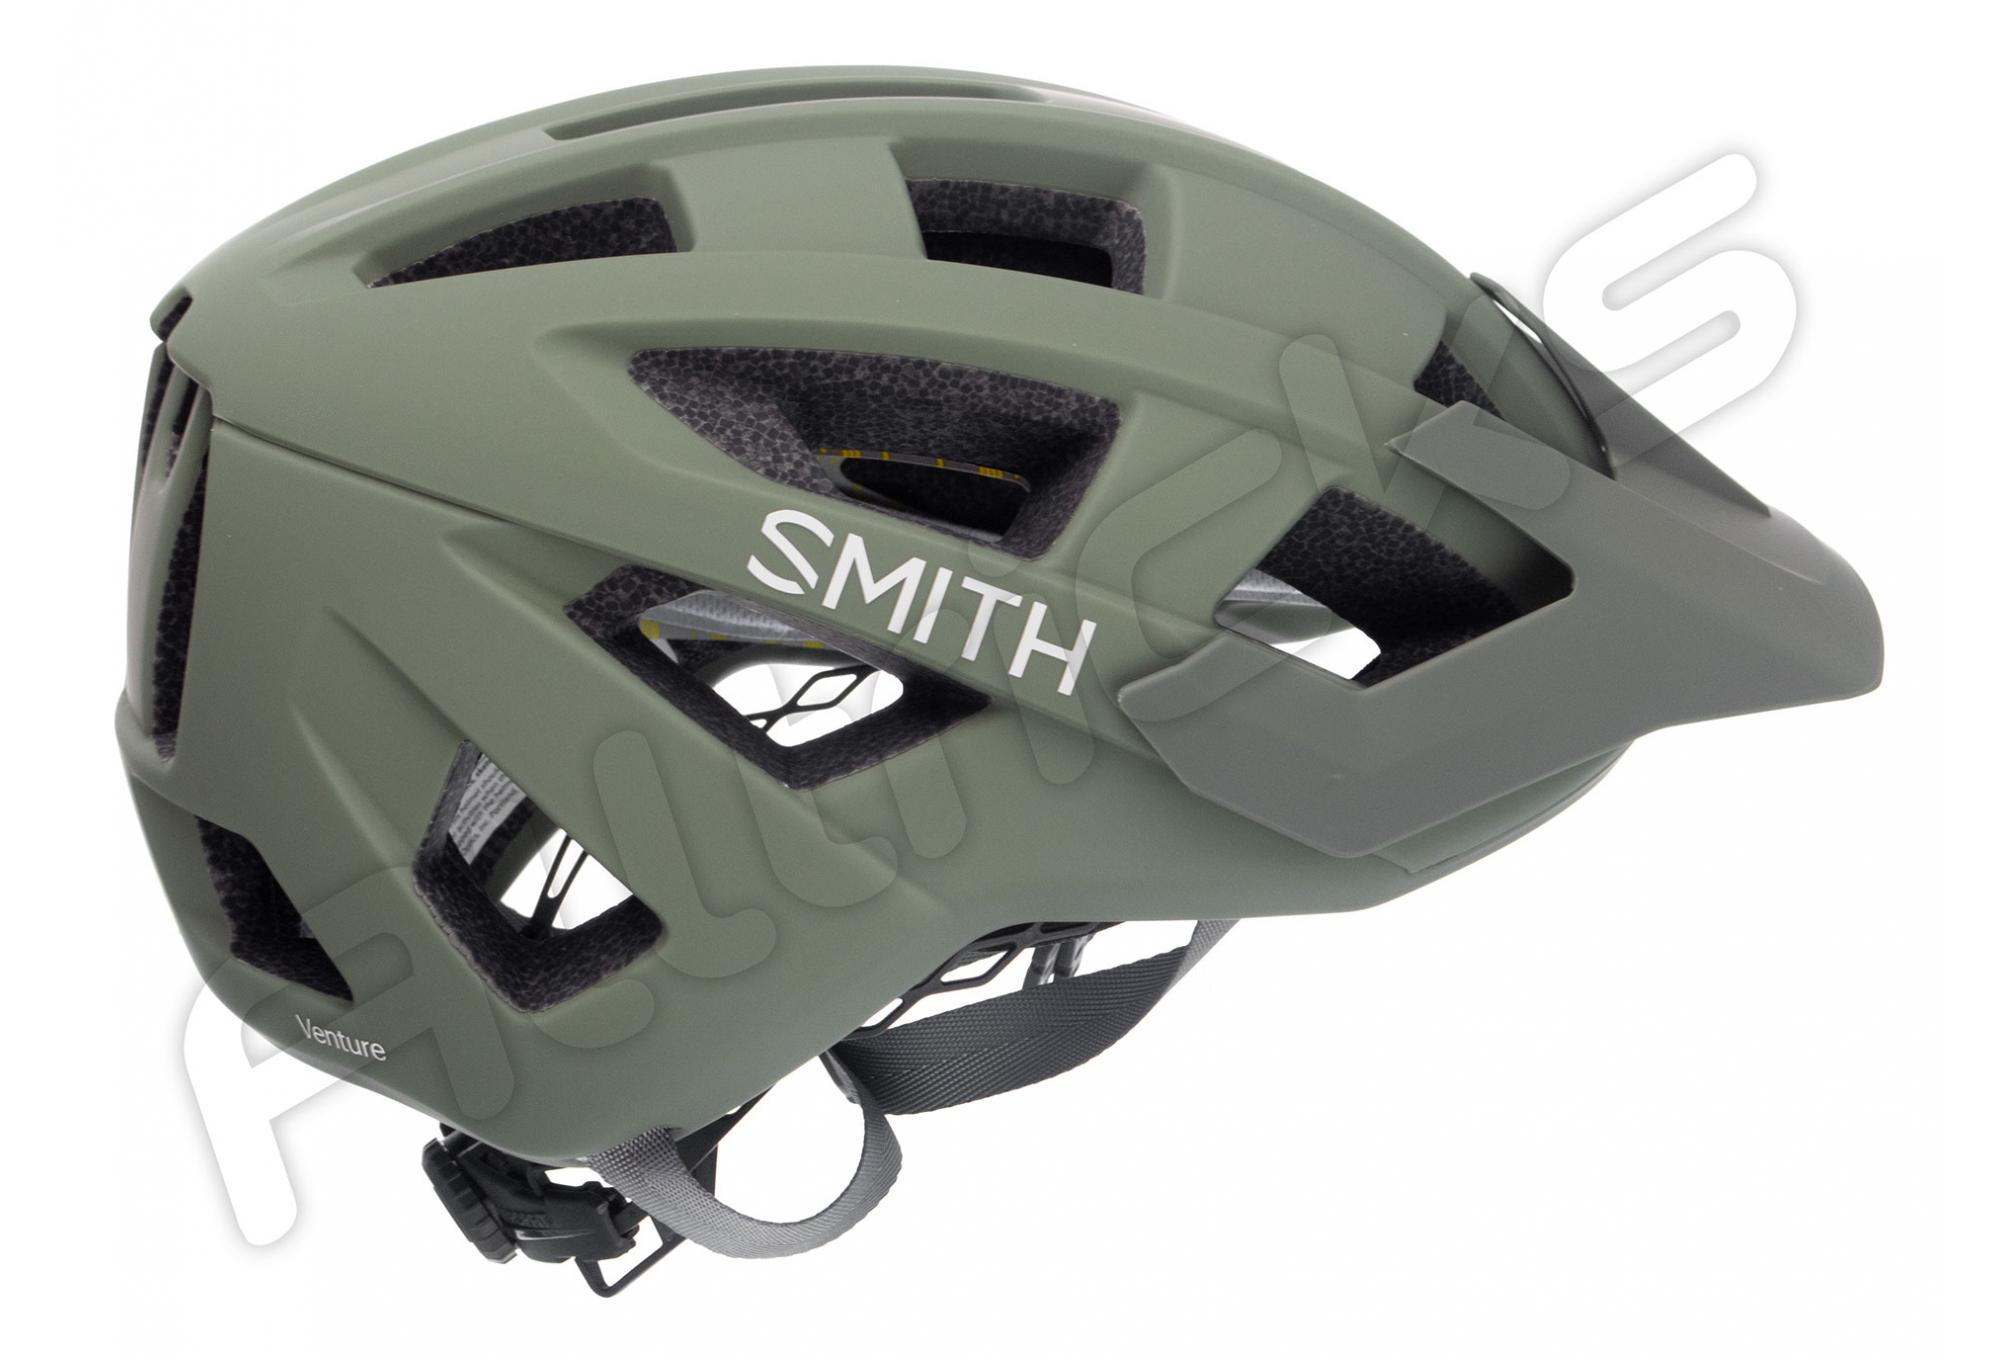 SMITH Venture MIPS MTB Helmet